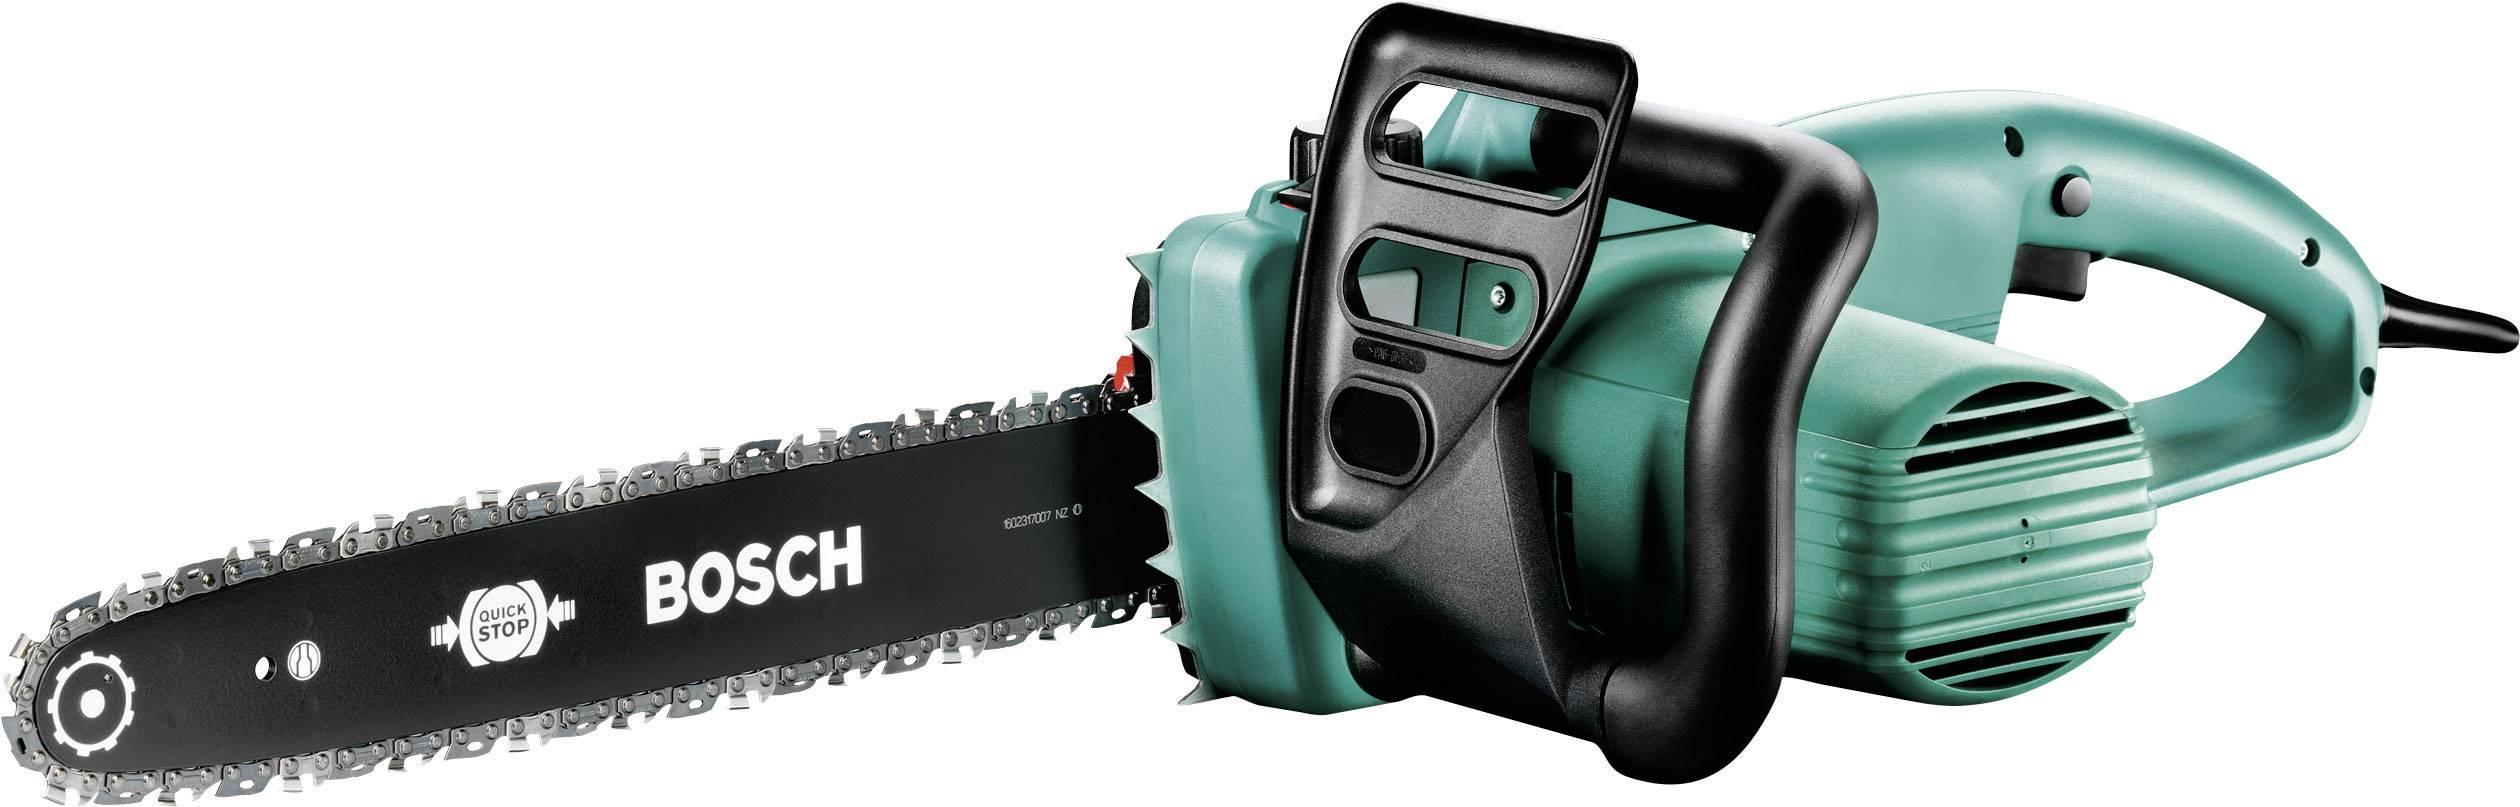 Elektrická řetězová pila Bosch Home and Garden AKE 40-19 S, 230 V, 1 900 W, délka čepele 400 mm